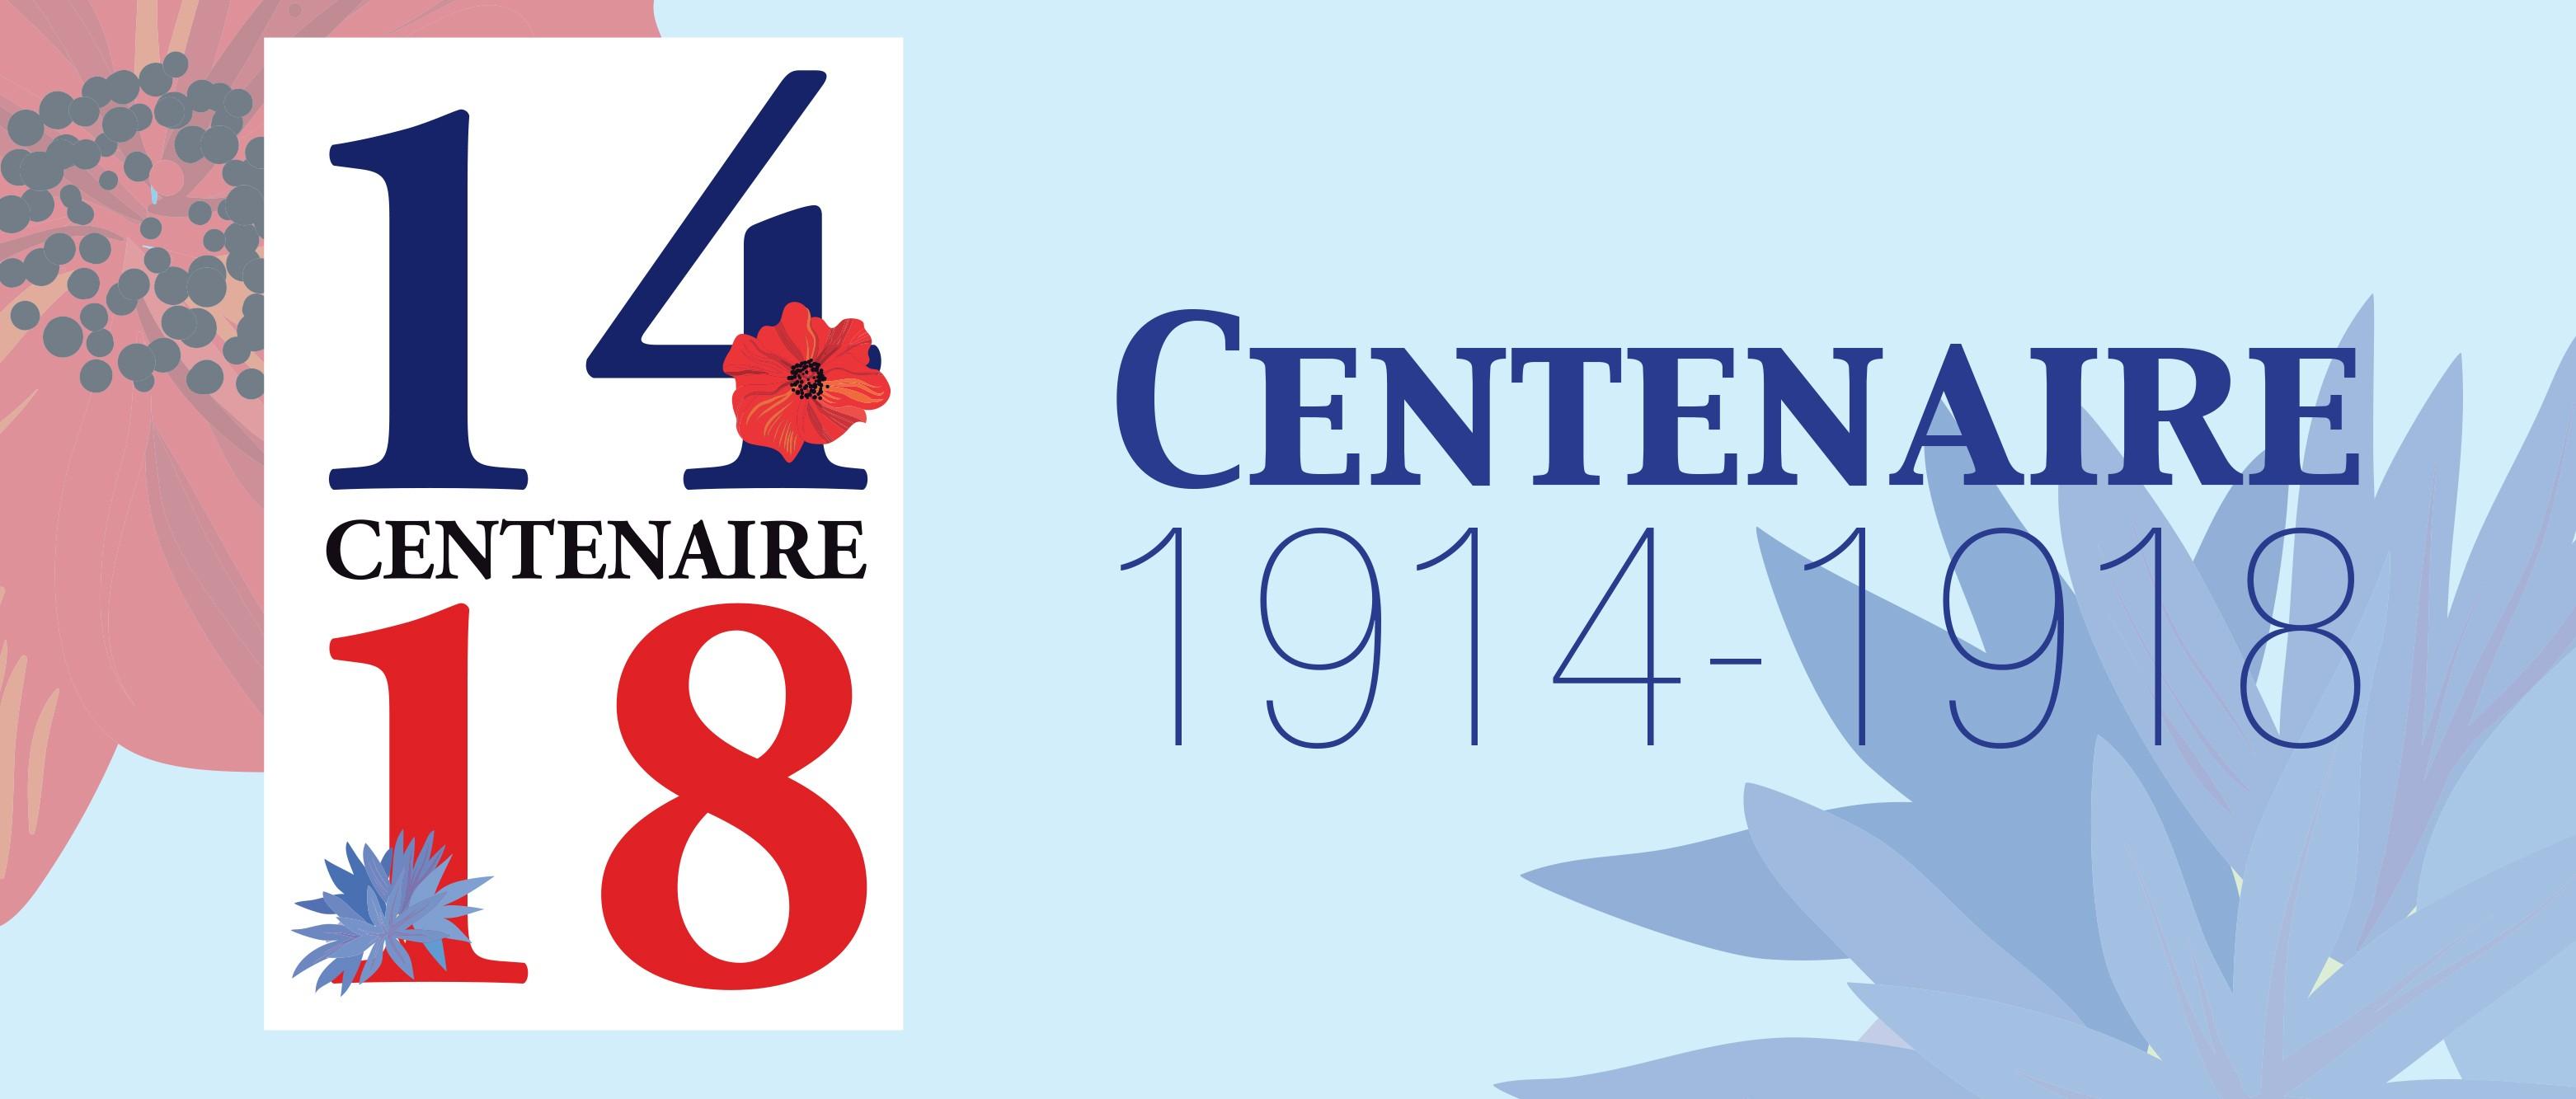 Centenaire de la Guerre 1914 - 1918